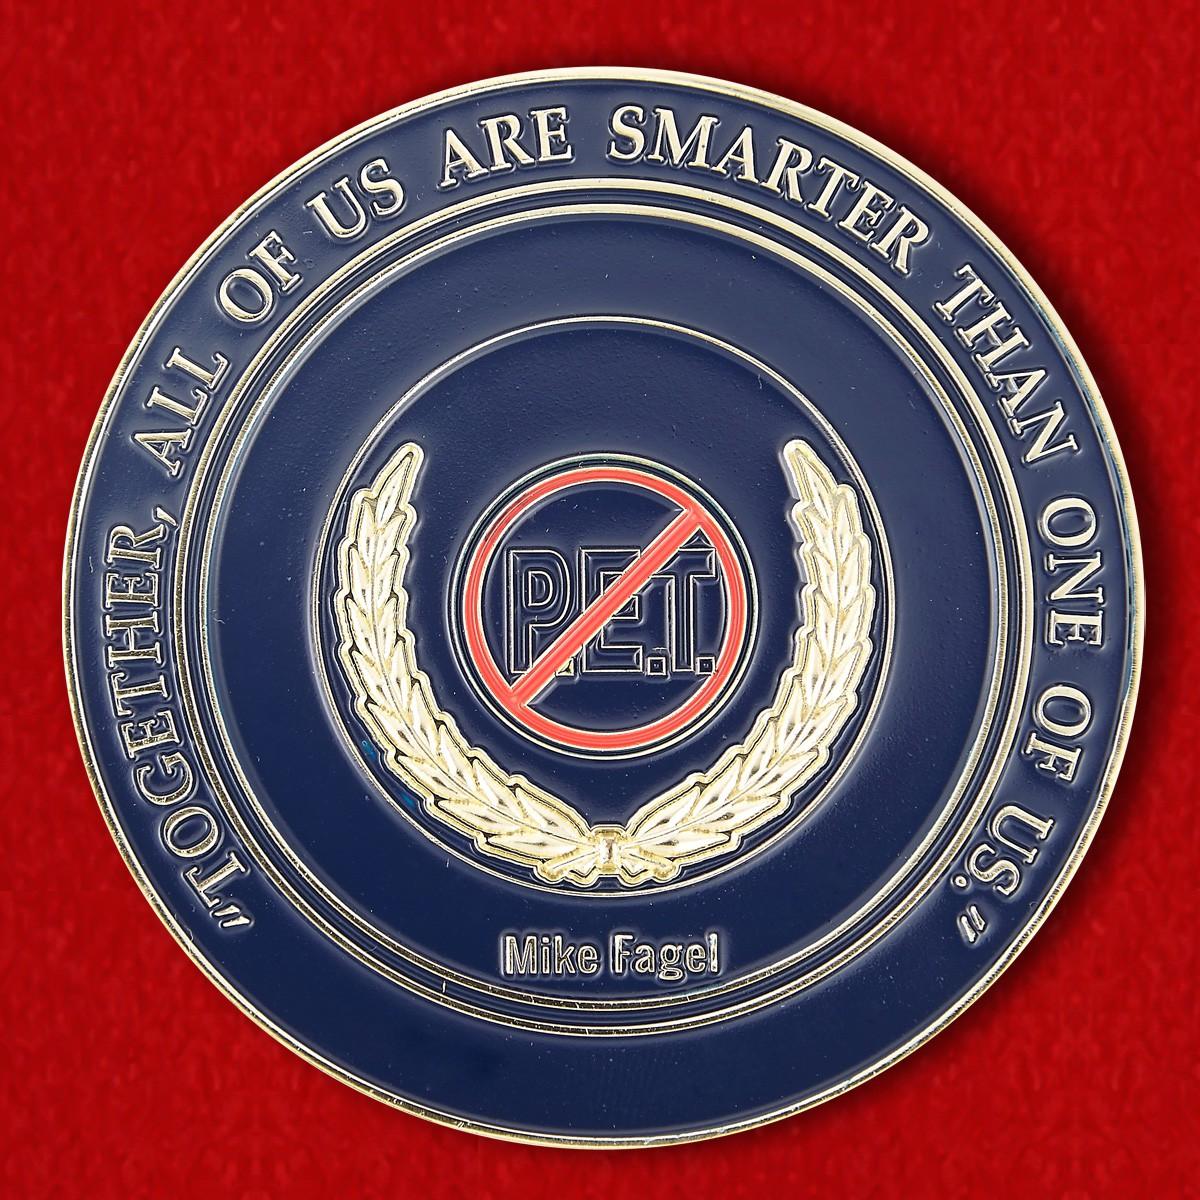 Челлендж коин консультанта по угрозам нарушения безопасности Майка Фэйгела - аверс